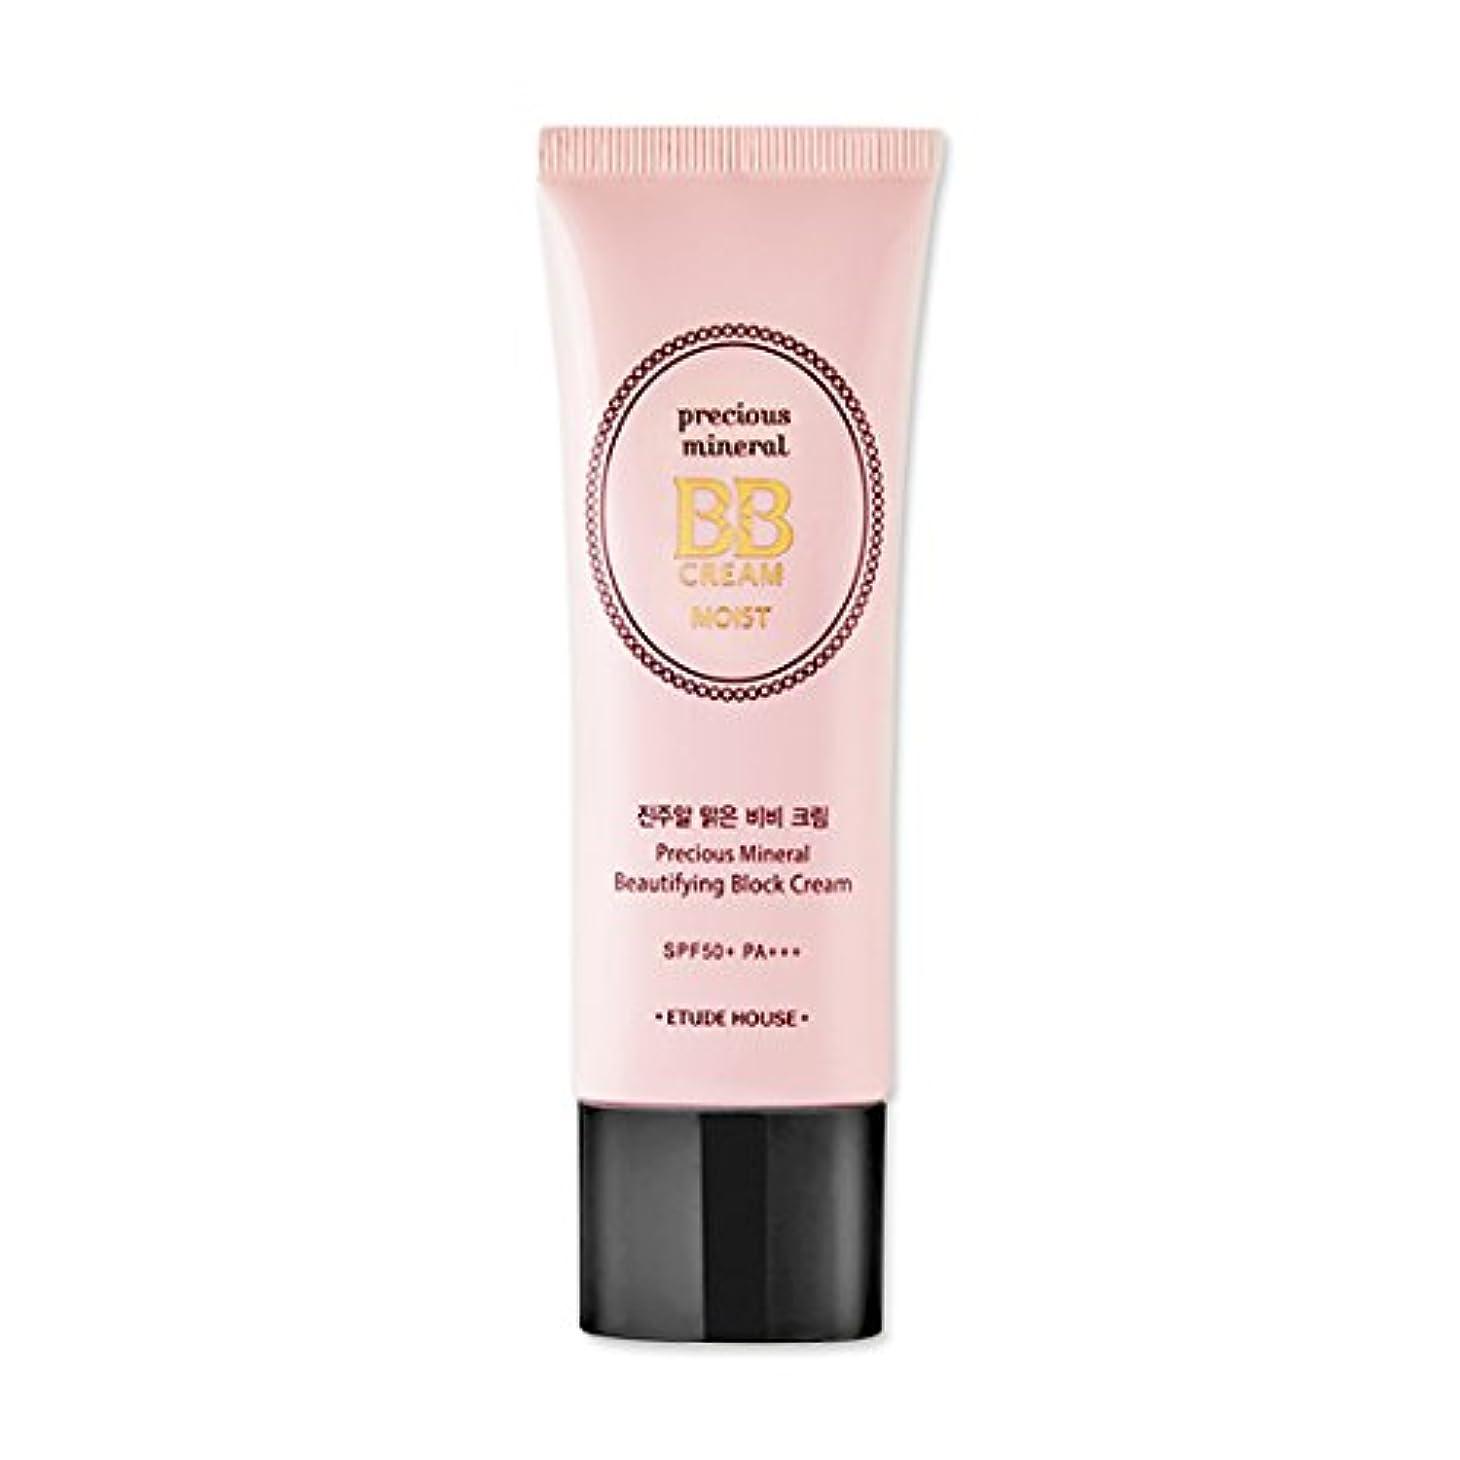 おかしい次へ反抗[New] ETUDE HOUSE Precious Mineral BB Cream * Moist * 45g/エチュードハウス プレシャス ミネラル BBクリーム * モイスト * 45g (#Beige) [並行輸入品]